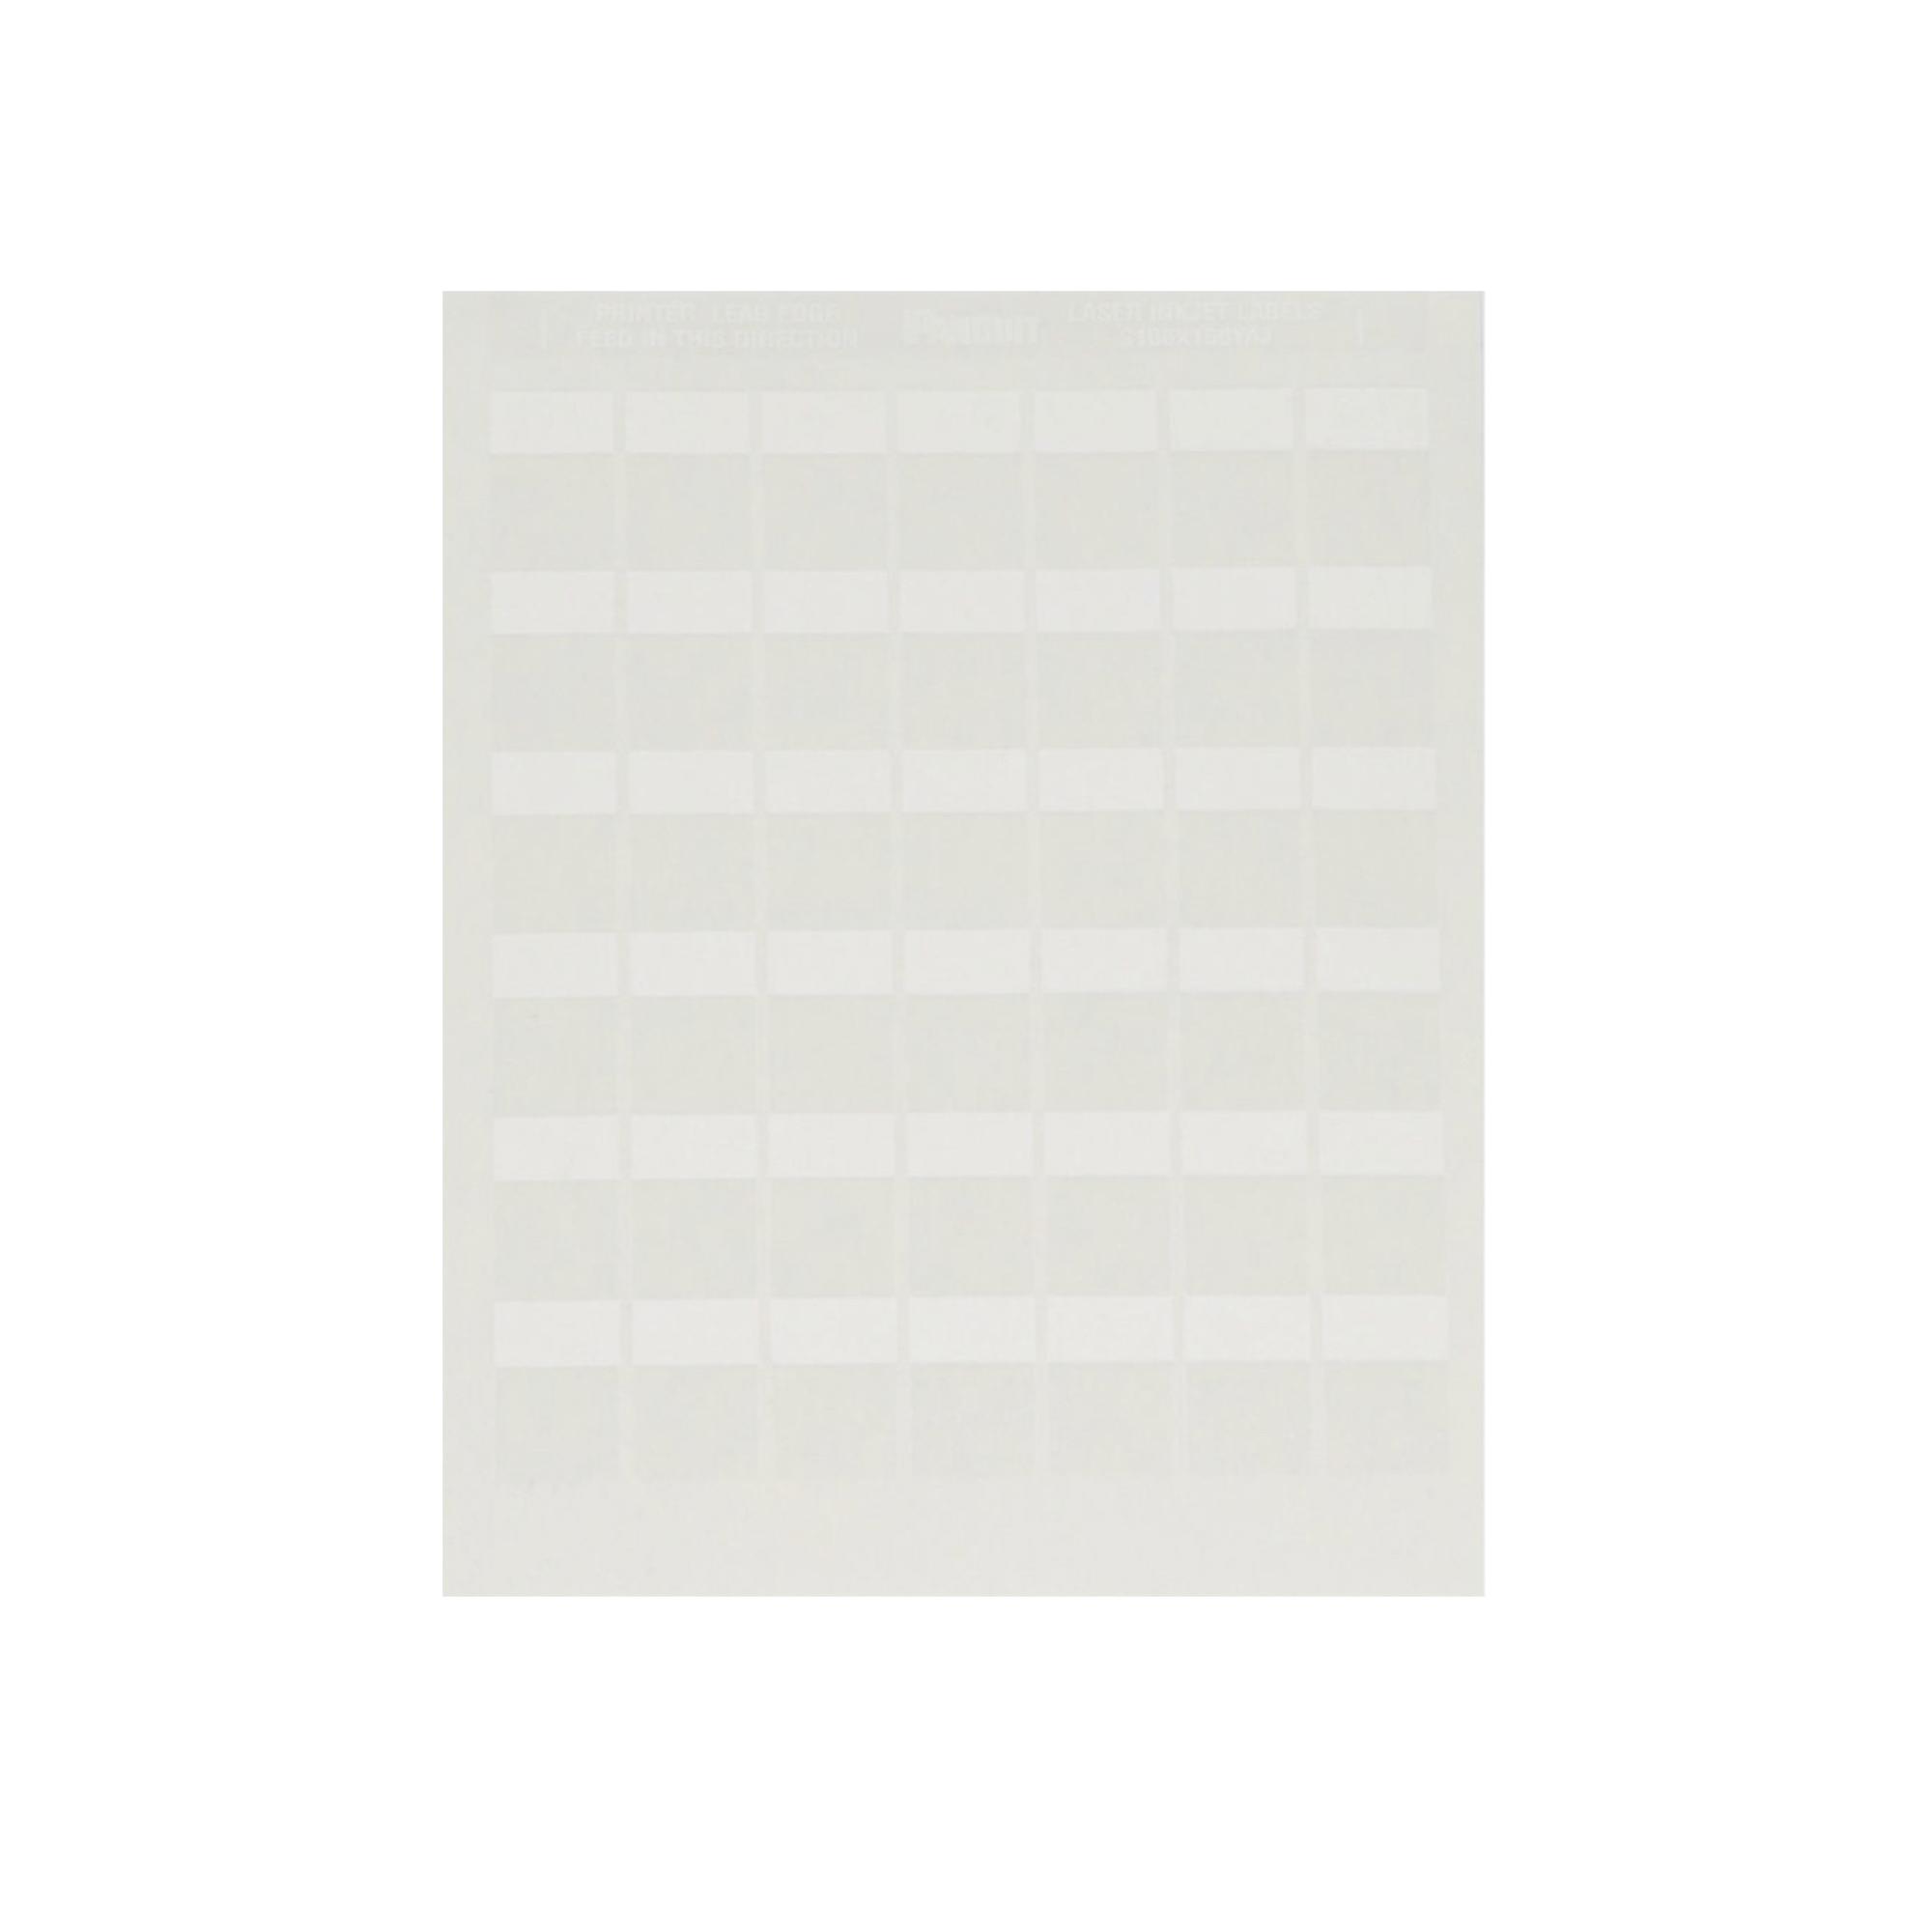 Etiquetas para Impresora Láser/Inyección de tinta, Auto-laminada para cableado de redes o cable eléctrico, 2500 etiquetas